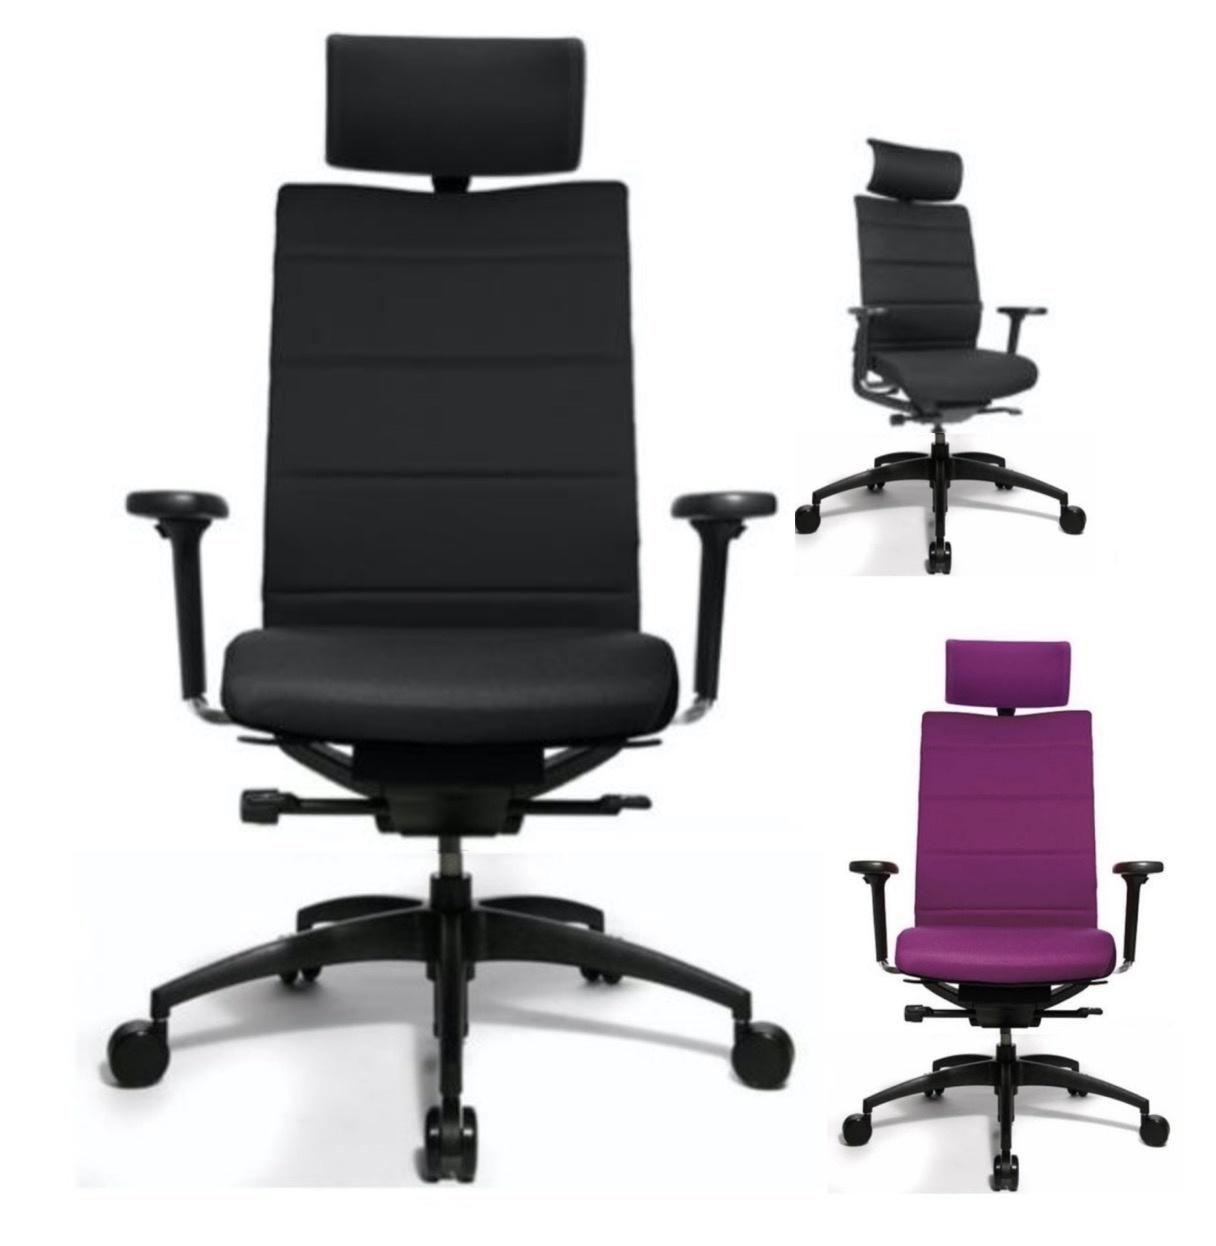 Bureaustoel Met Neksteun.Ergomedic 100 4 Bureaustoel Met Hoofdsteun Brand New Office